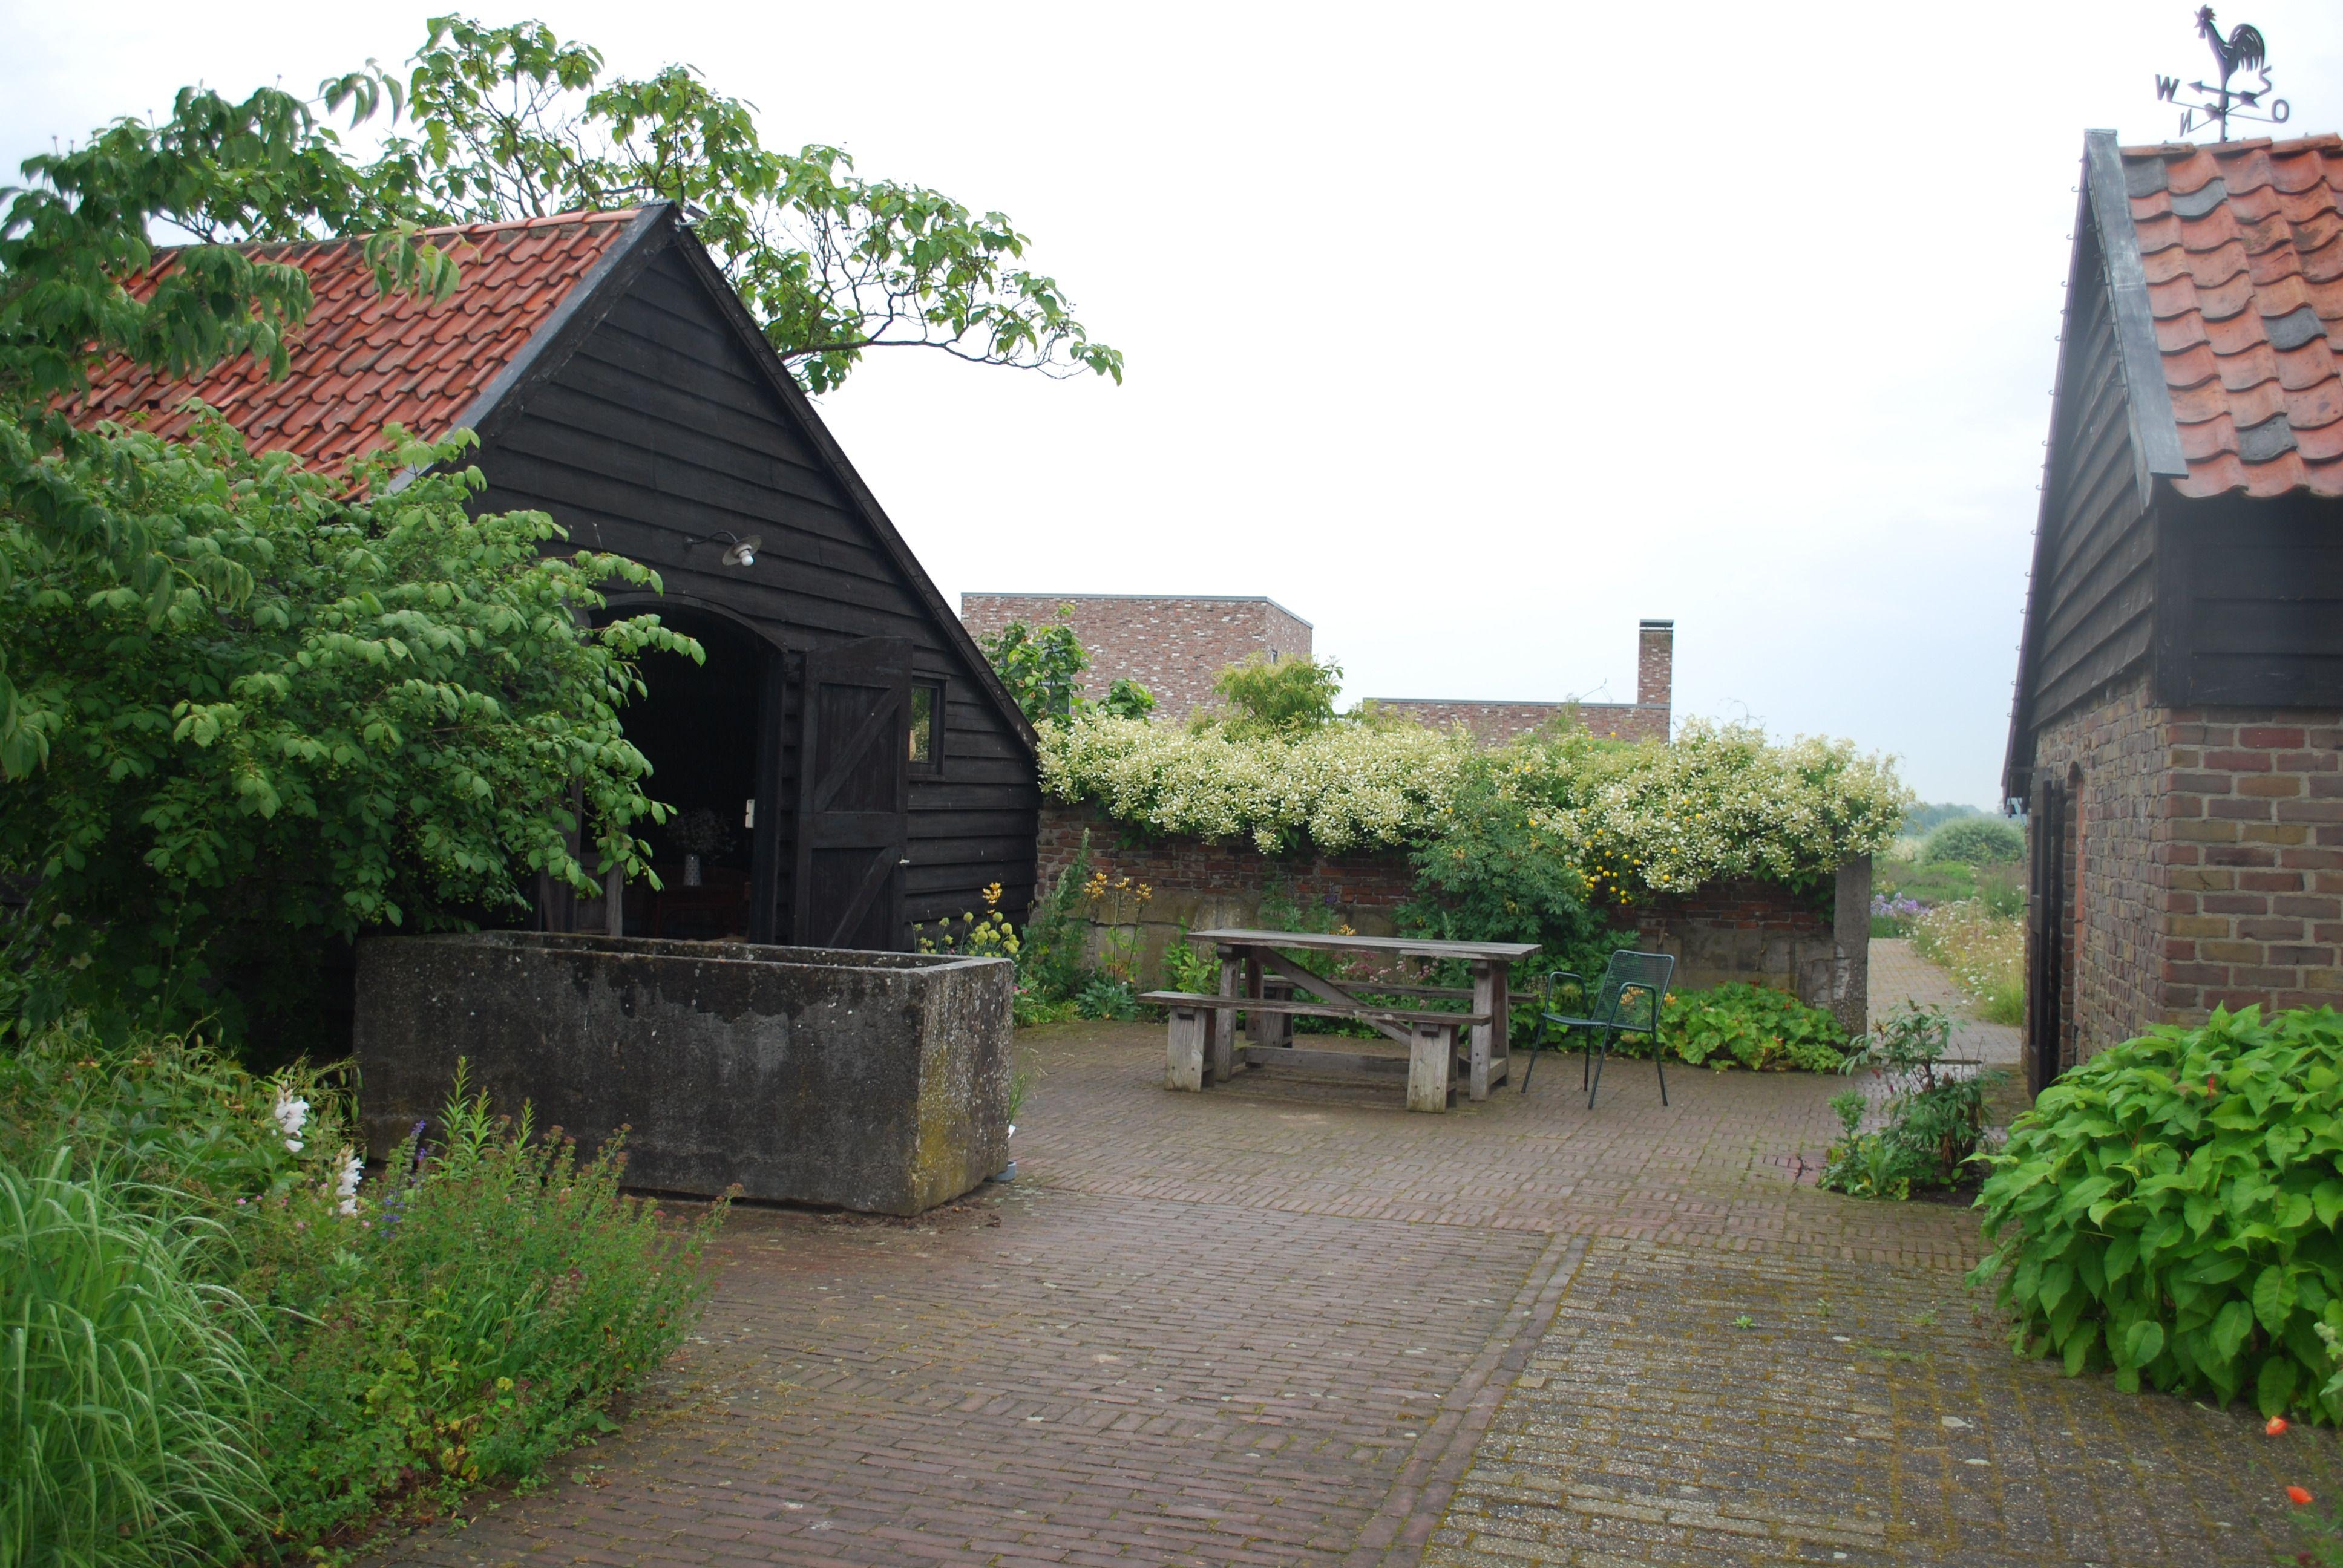 Piet oudolf paisajista holand s su jard n privado en for Jardines paisajistas